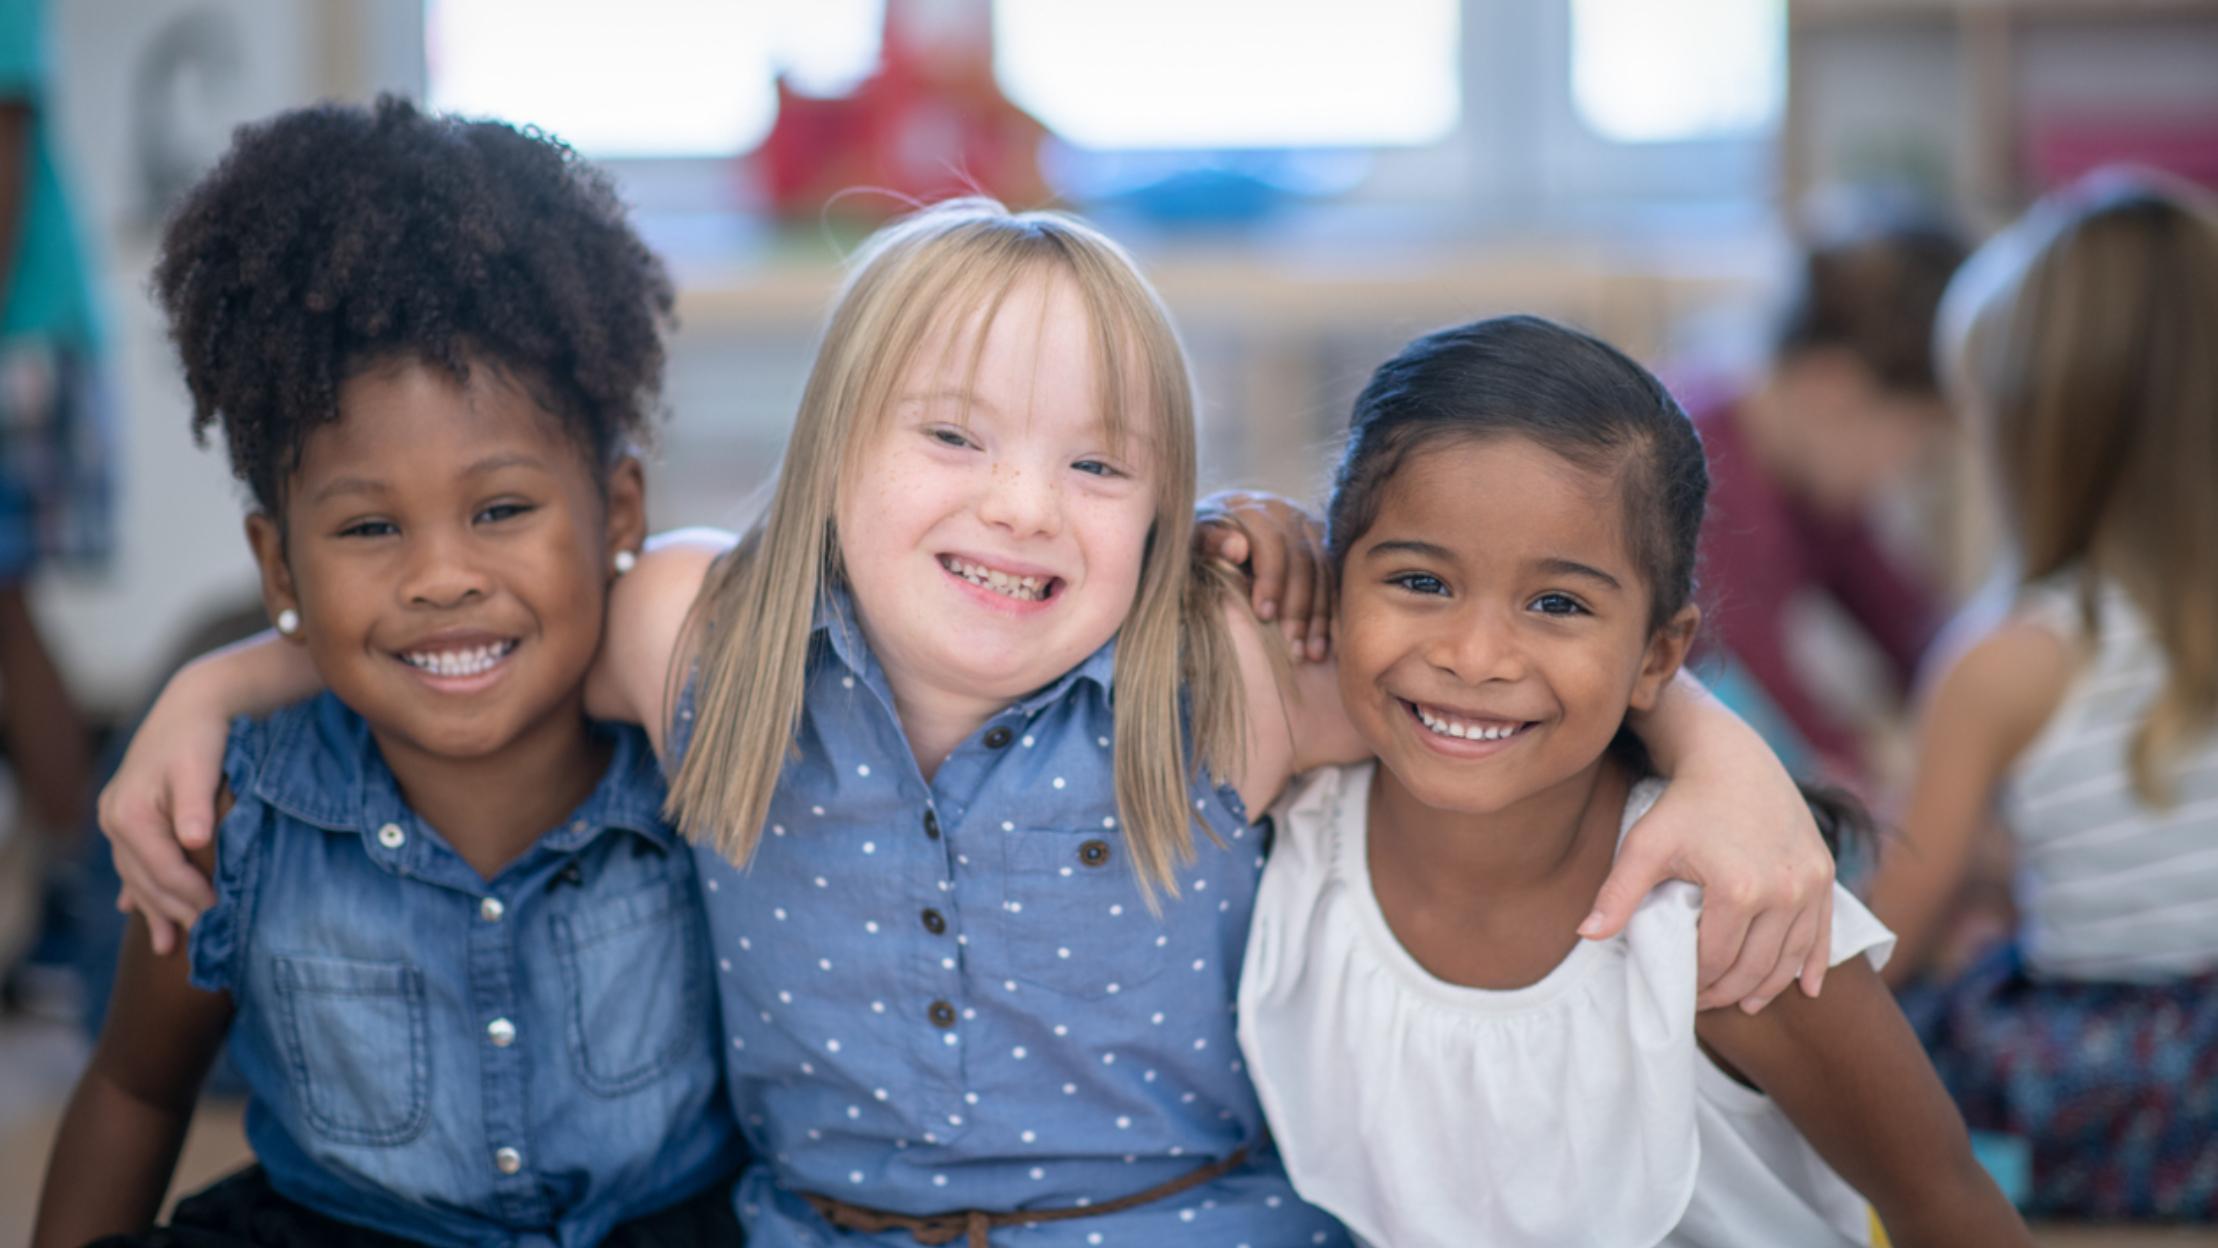 Best friends in preschool